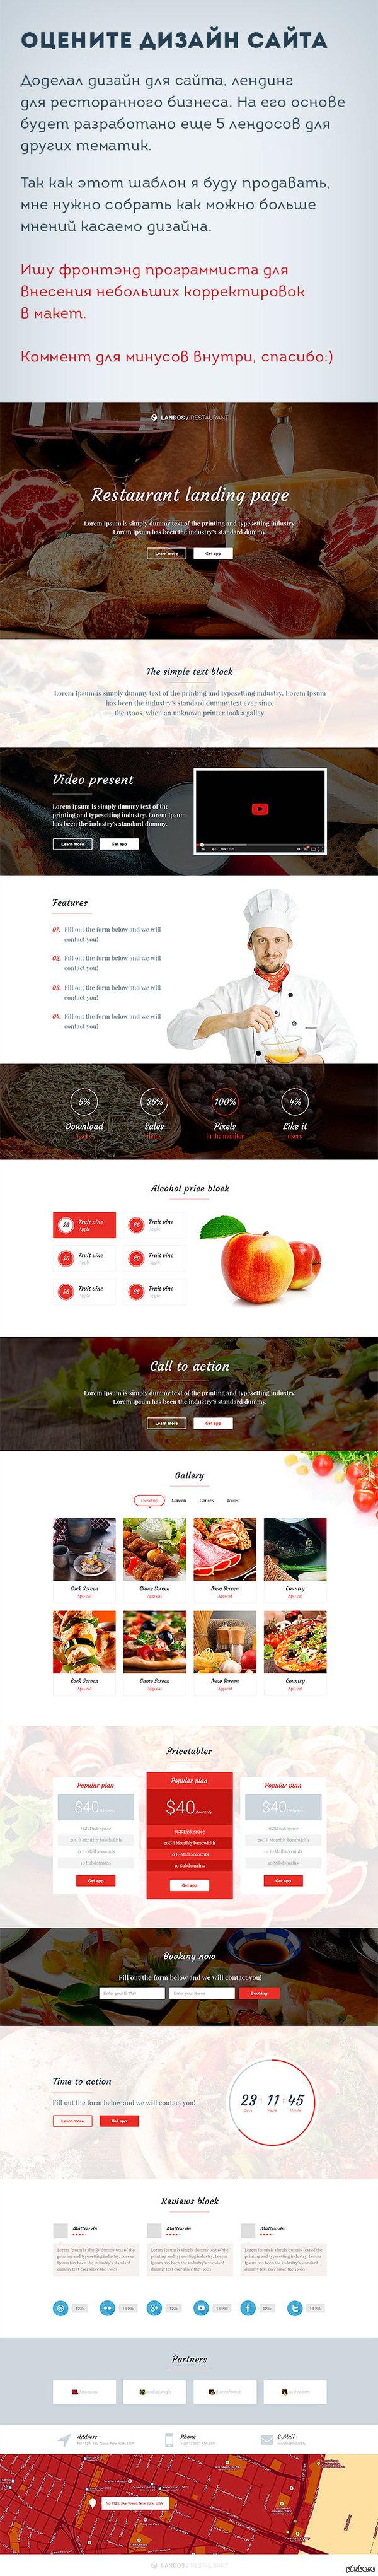 Оцените дизайн сайта Оцените пожалуйста диз, нужно много мнений:)